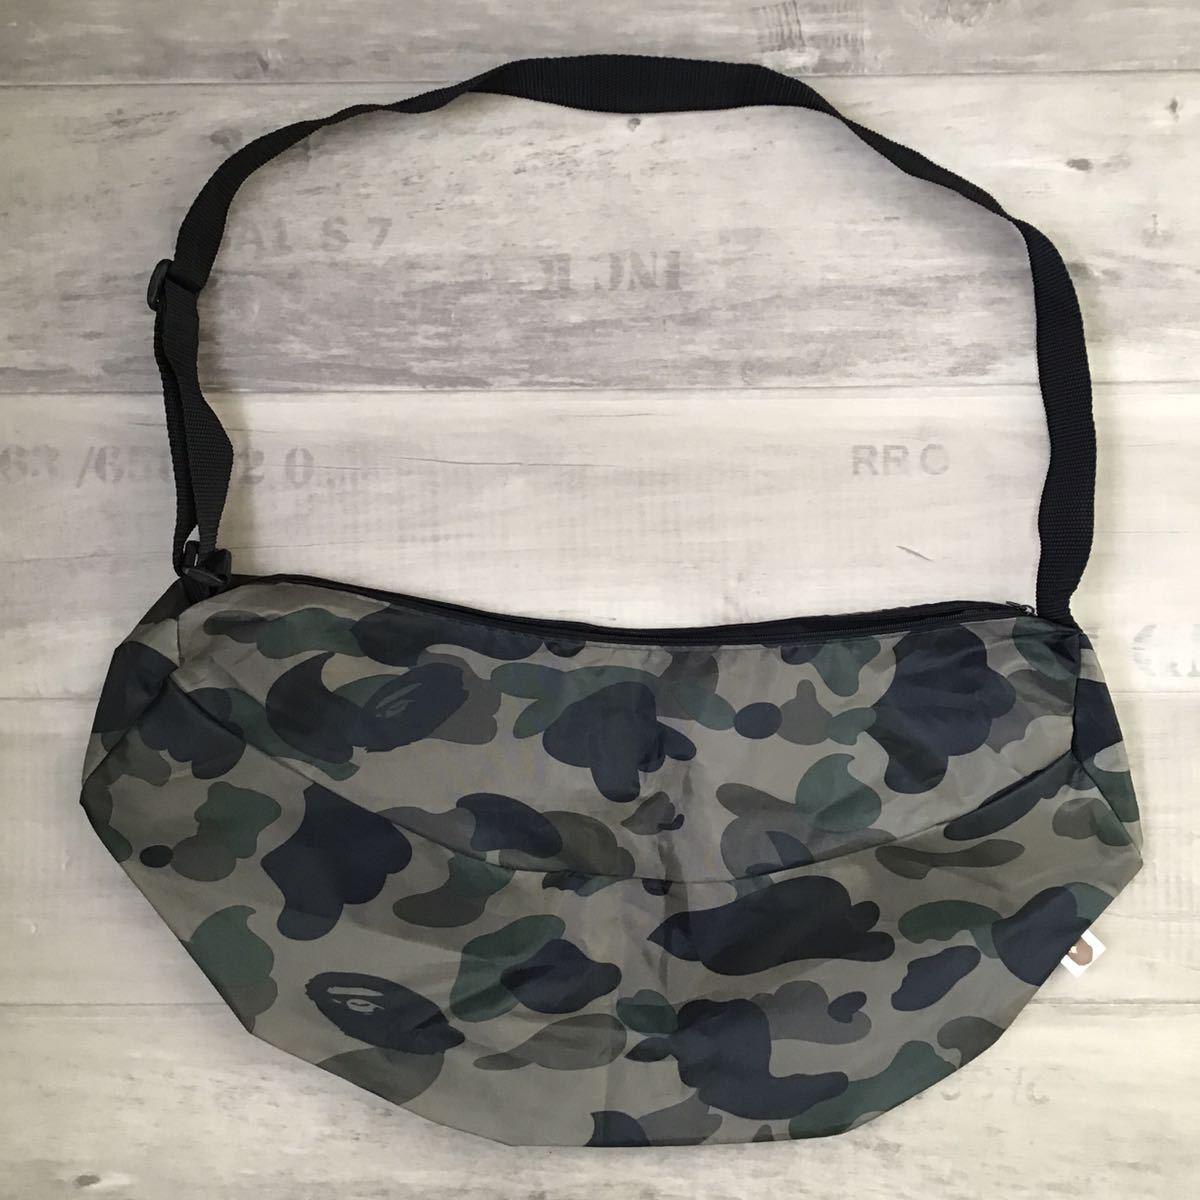 ★ムック限定★ 1st camo ボディバッグ a bathing ape BAPE bag エイプ ベイプ アベイシングエイプ 迷彩 ショルダー バッグ